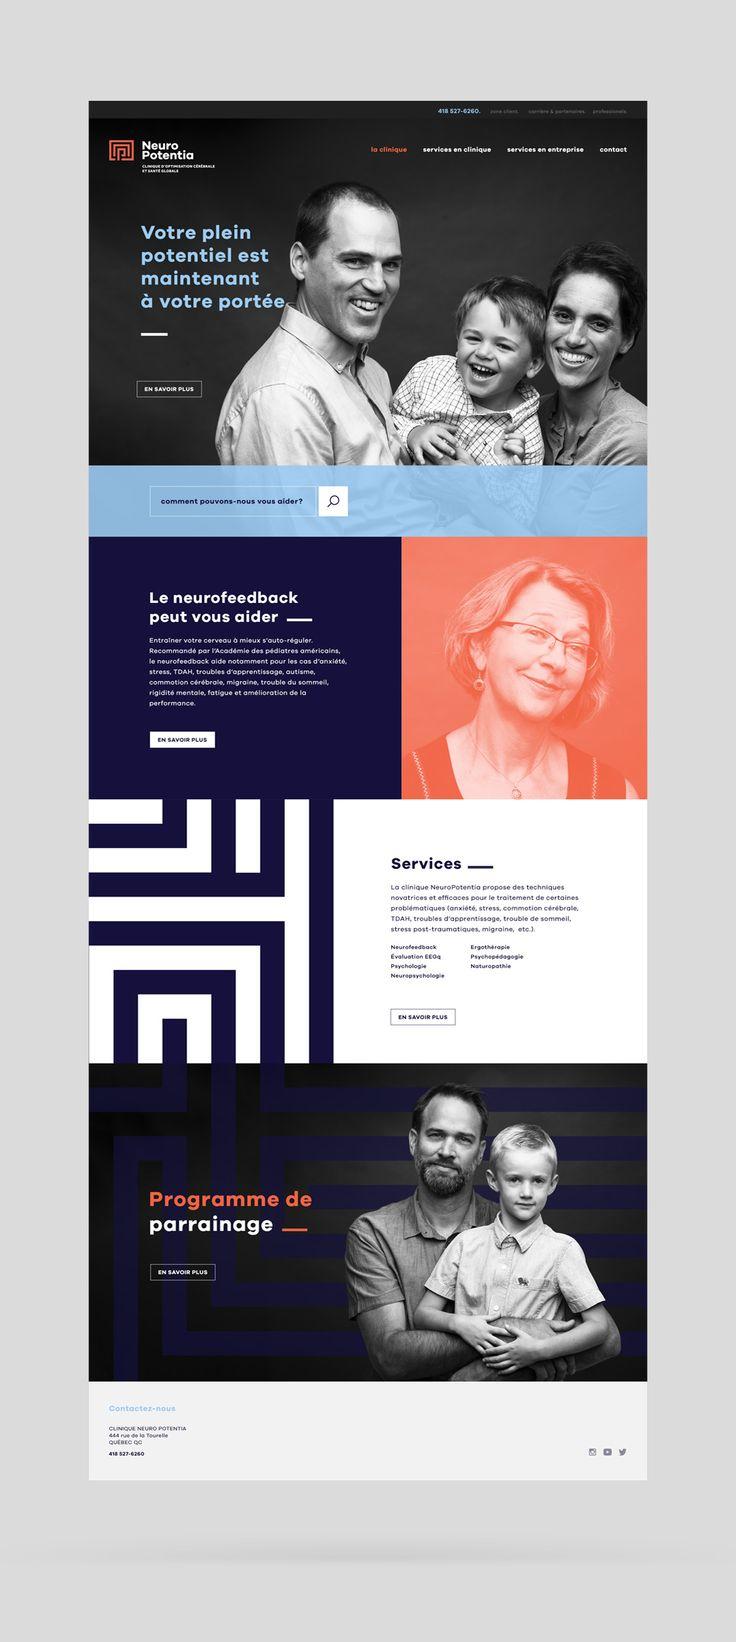 Agence de communication, marketing et web à Québec IMÉDIA firme créative - NeuroPotentia